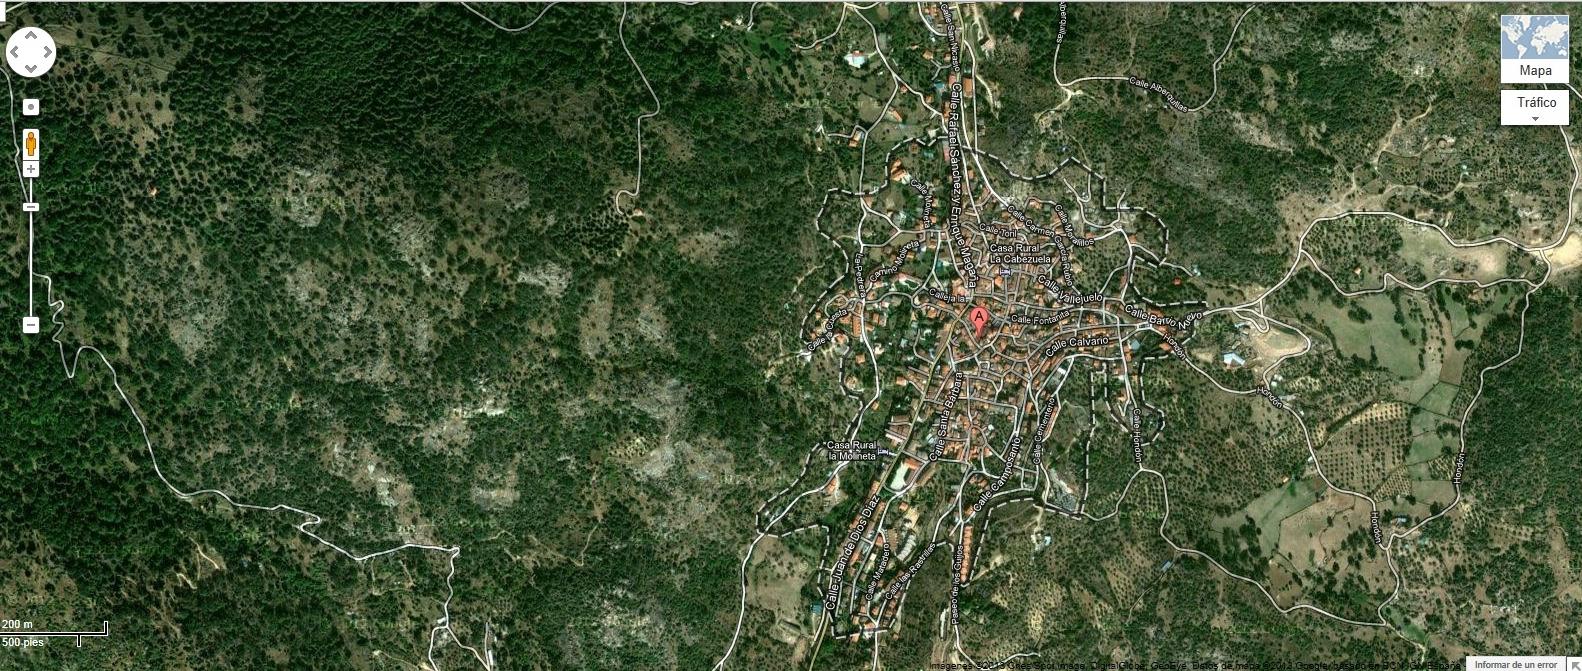 Pueblos de Toledo Guas Tursticas Rutas y lugares de inters